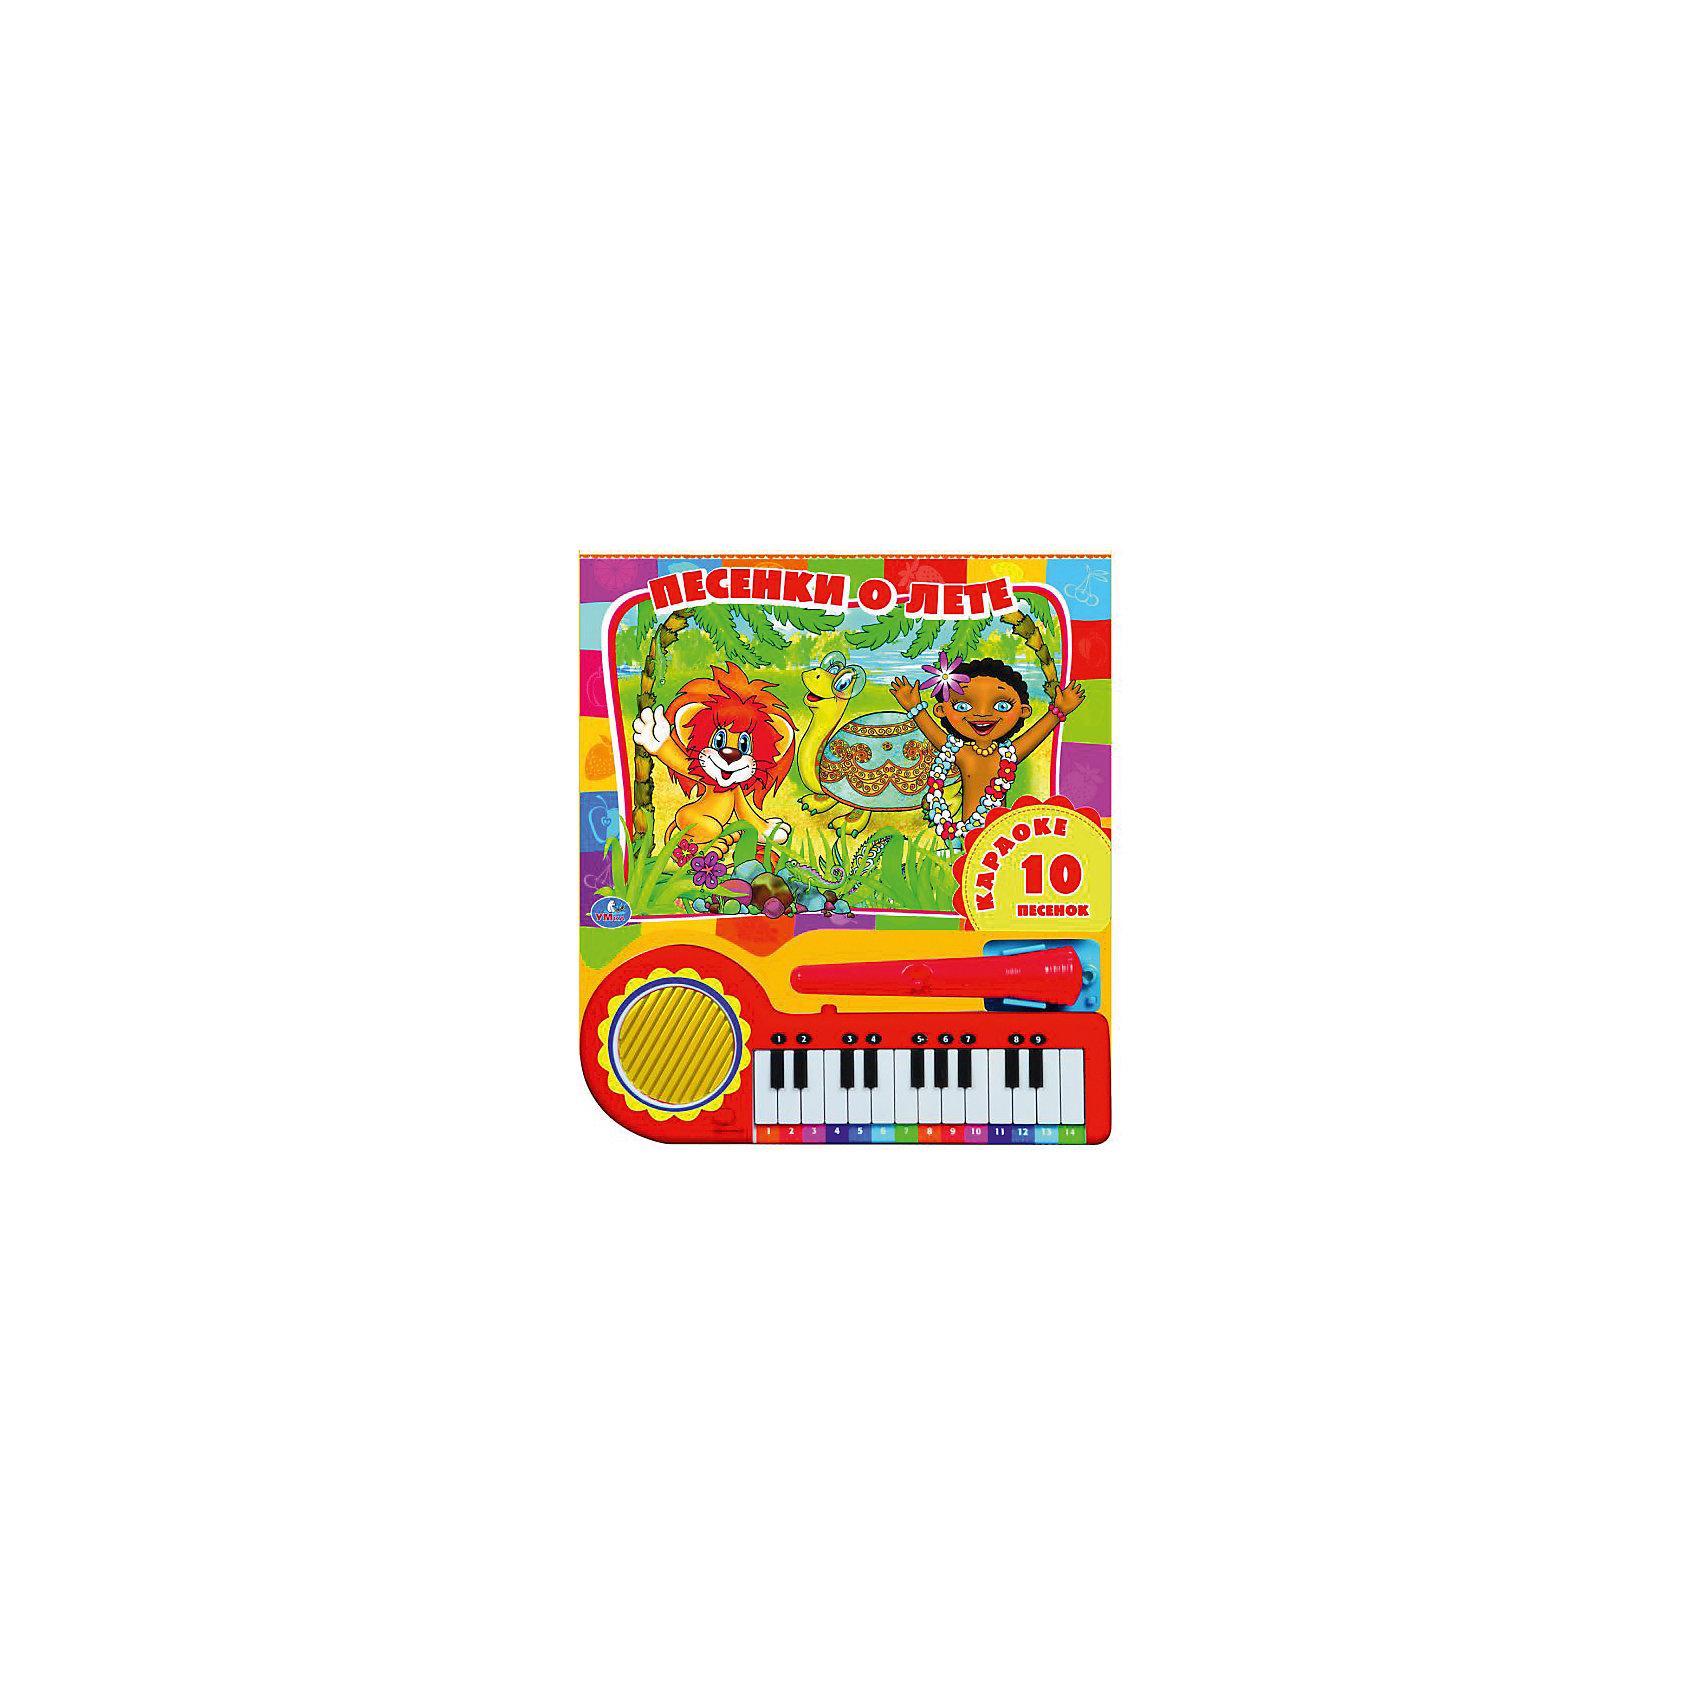 Книга-пианино Песенки о летеЗамечательная книга-пианино приведет в восторг всех малышей! Можно рассматривать красочные картинки или же послушать веселые добрые песенки. Кроме того, кроха может проиграть на клавишах самостоятельно, переключив режим пианино. На каждой странице книги представлен текст песенки (вся песенка или ее часть) с разноцветными нотками, которые соответствуют цвету клавиш пианино.<br><br>Дополнительная информация:<br><br>- Формат: 26х25,5 см.<br>- Переплет: картон.<br>- Количество страниц: 20.<br>- Иллюстрации: цветные.<br>-Элемент питания: 2 батарейки ААА (в комплекте).<br><br>Книгу-пианино Песенки о лете, можно купить в нашем магазине.<br><br>Внимание! В соответствии с Постановлением Правительства Российской Федерации от 19.01.1998 № 55, непродовольственные товары надлежащего качества нижеследующих категорий не подлежат возврату и обмену: непериодические издания (книги, брошюры, альбомы, картографические и нотные издания, листовые изоиздания, календари, буклеты, открытки, издания, воспроизведенные на технических носителях информации).<br><br>Ширина мм: 260<br>Глубина мм: 290<br>Высота мм: 20<br>Вес г: 860<br>Возраст от месяцев: 12<br>Возраст до месяцев: 60<br>Пол: Унисекс<br>Возраст: Детский<br>SKU: 4053334